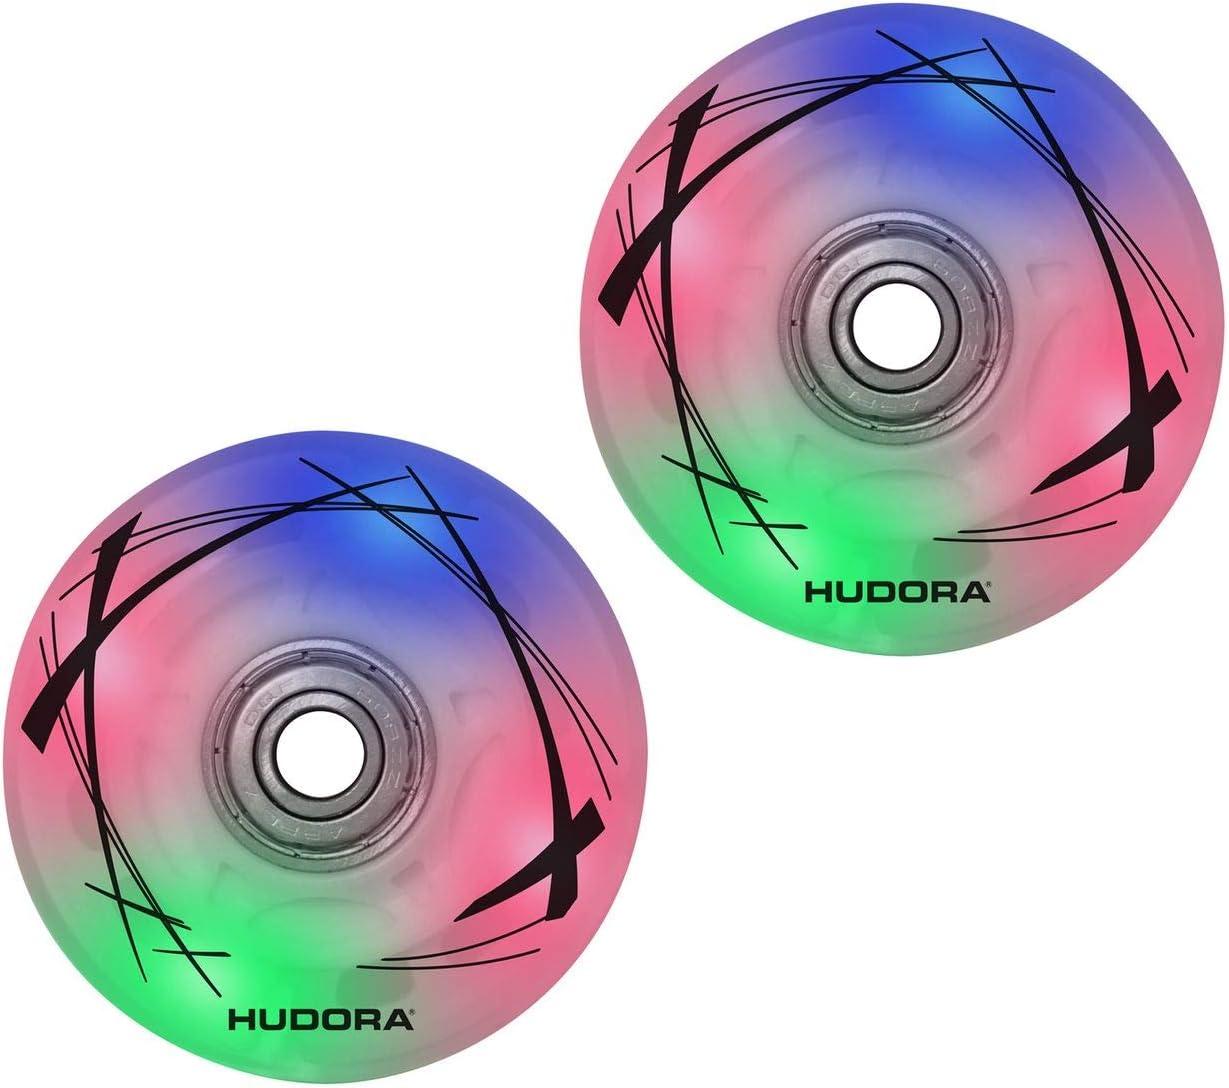 64 mm x 22 mm 2 LED Hudora 85062 Ruedas de Repuesto para Patines en l/ínea